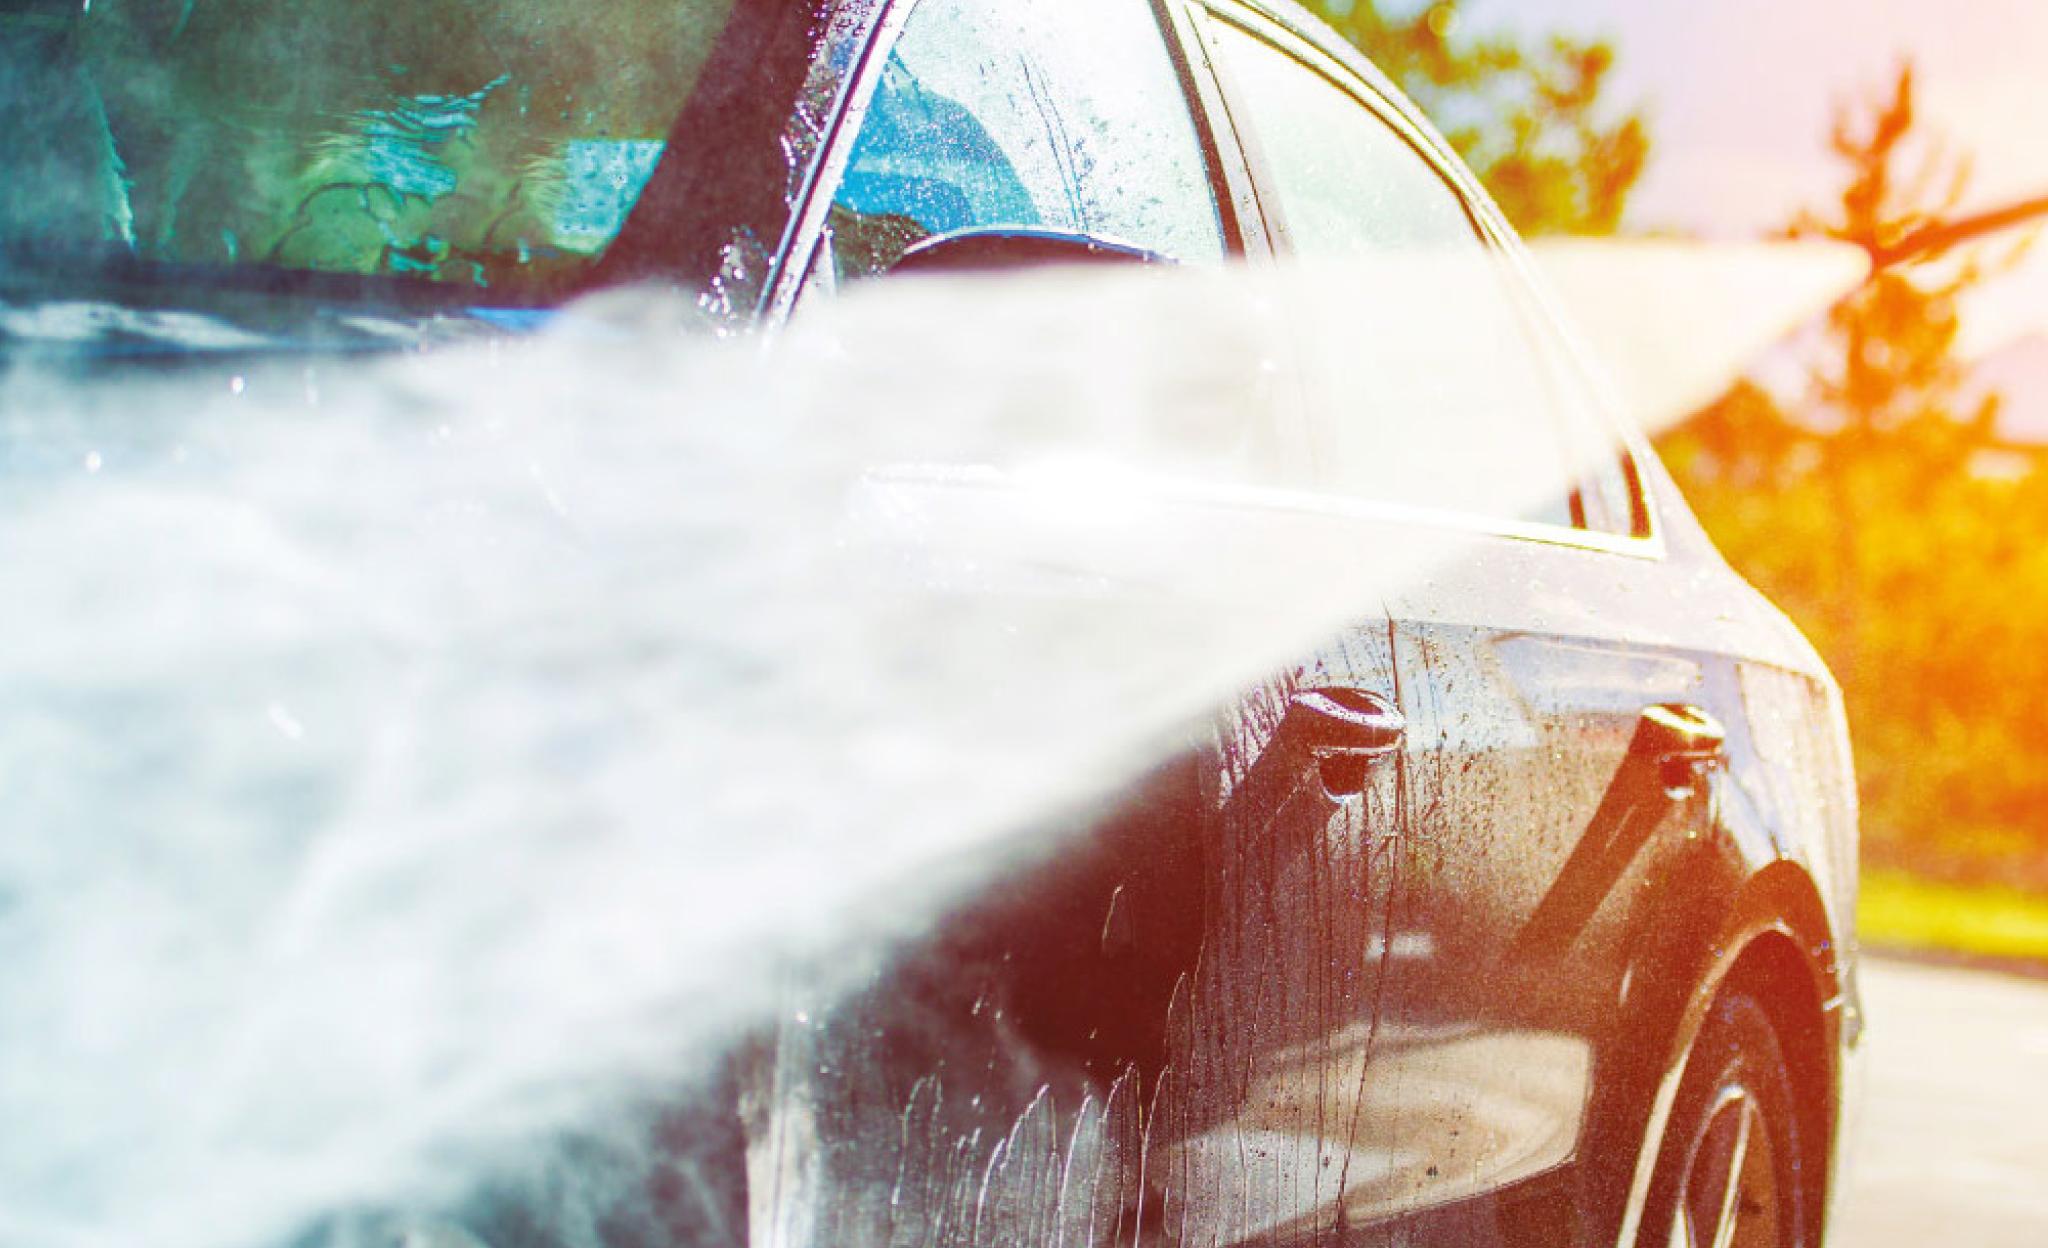 vega car wash